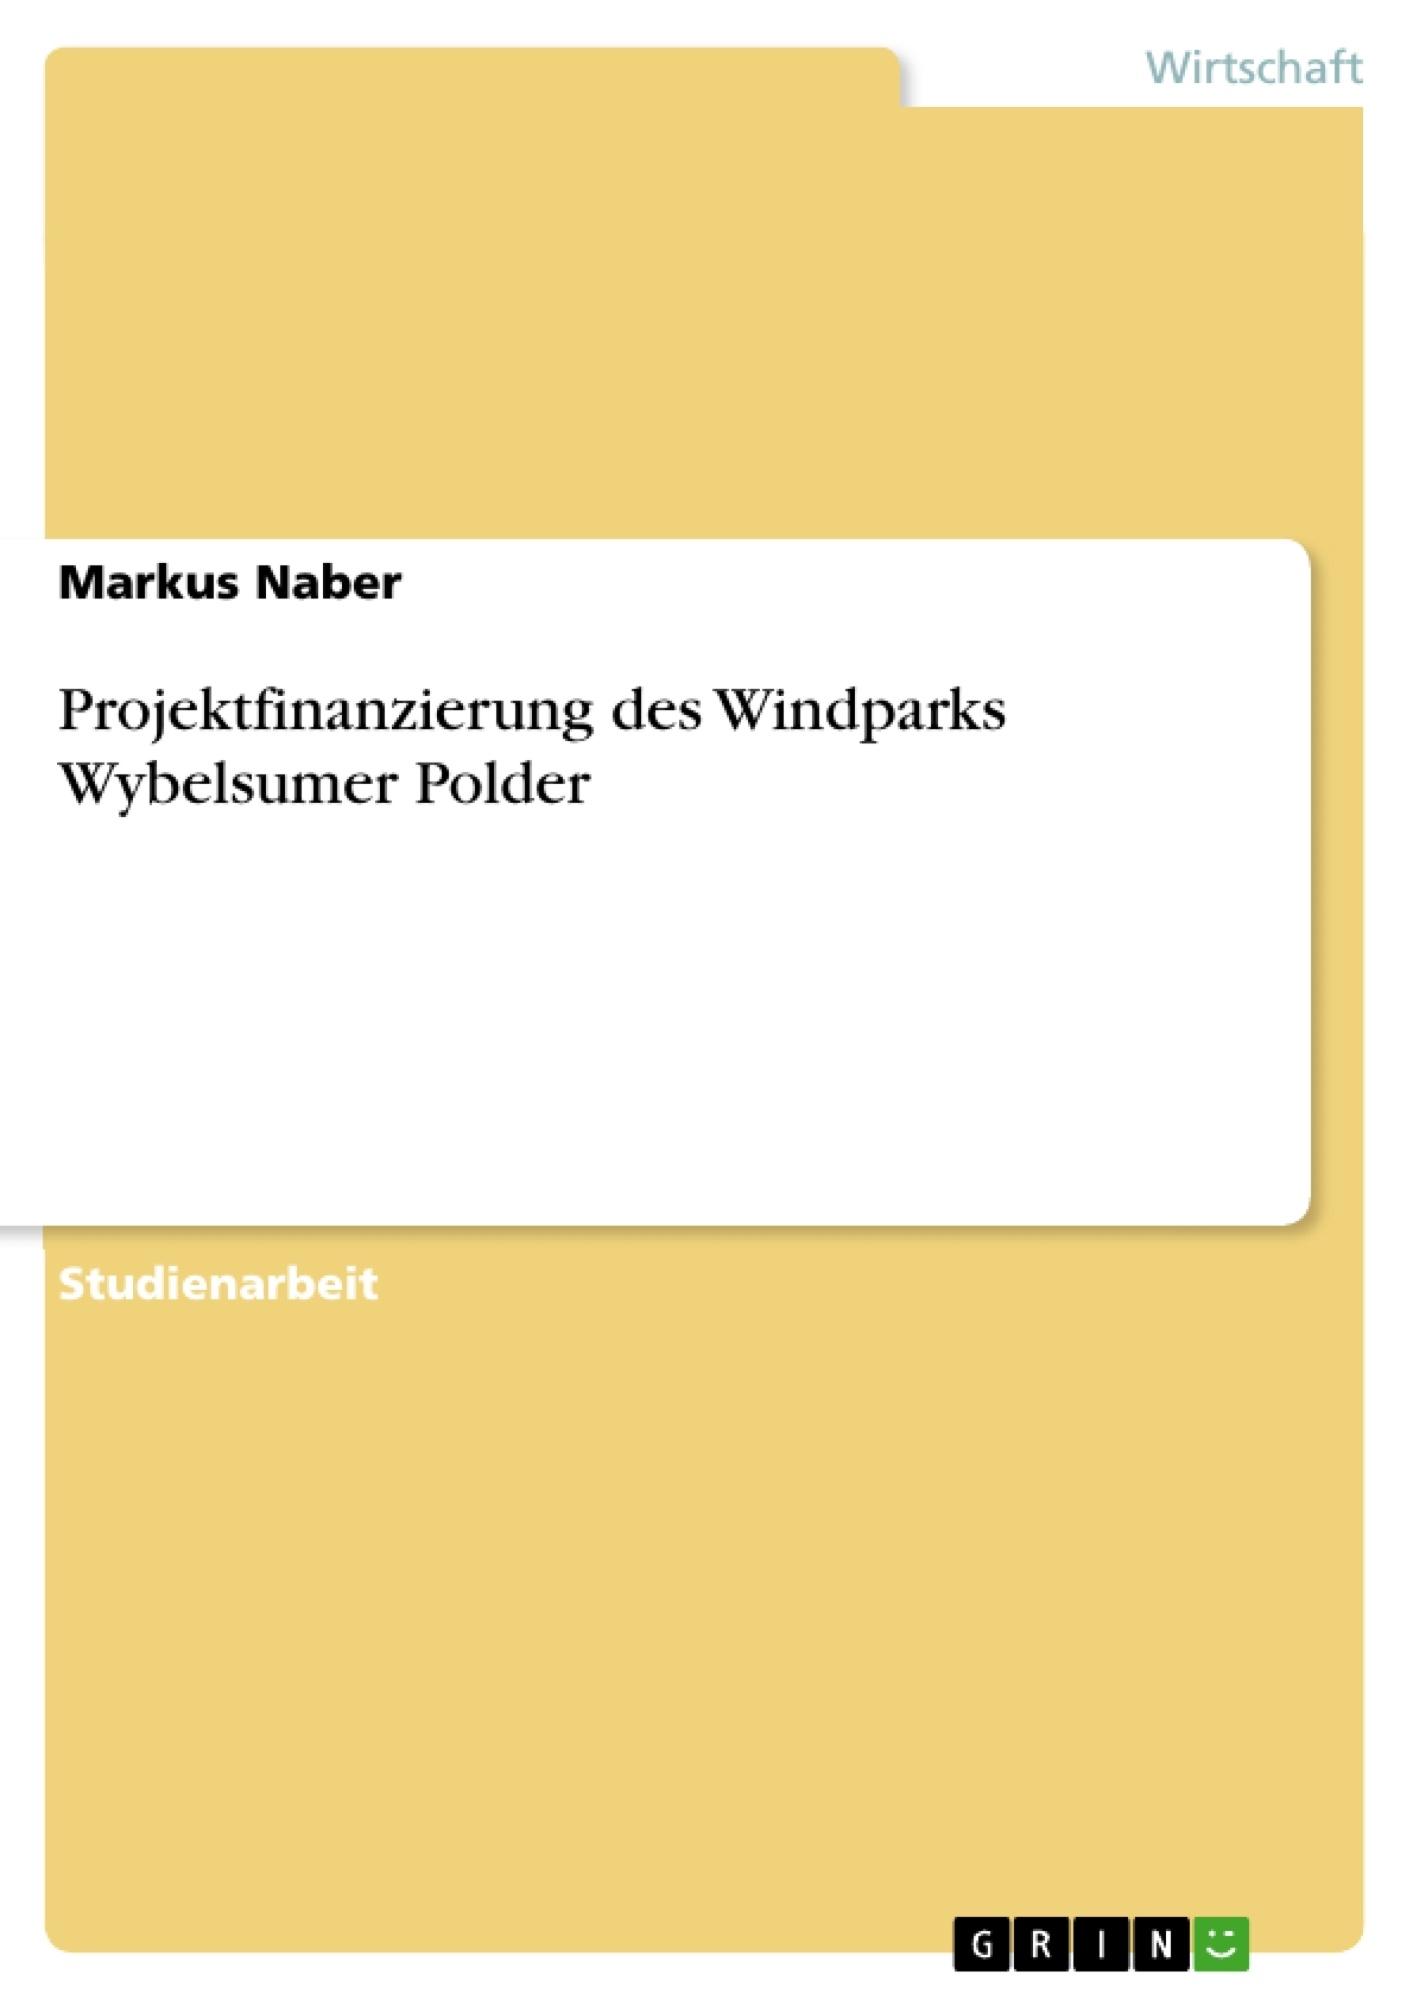 Titel: Projektfinanzierung des Windparks Wybelsumer Polder